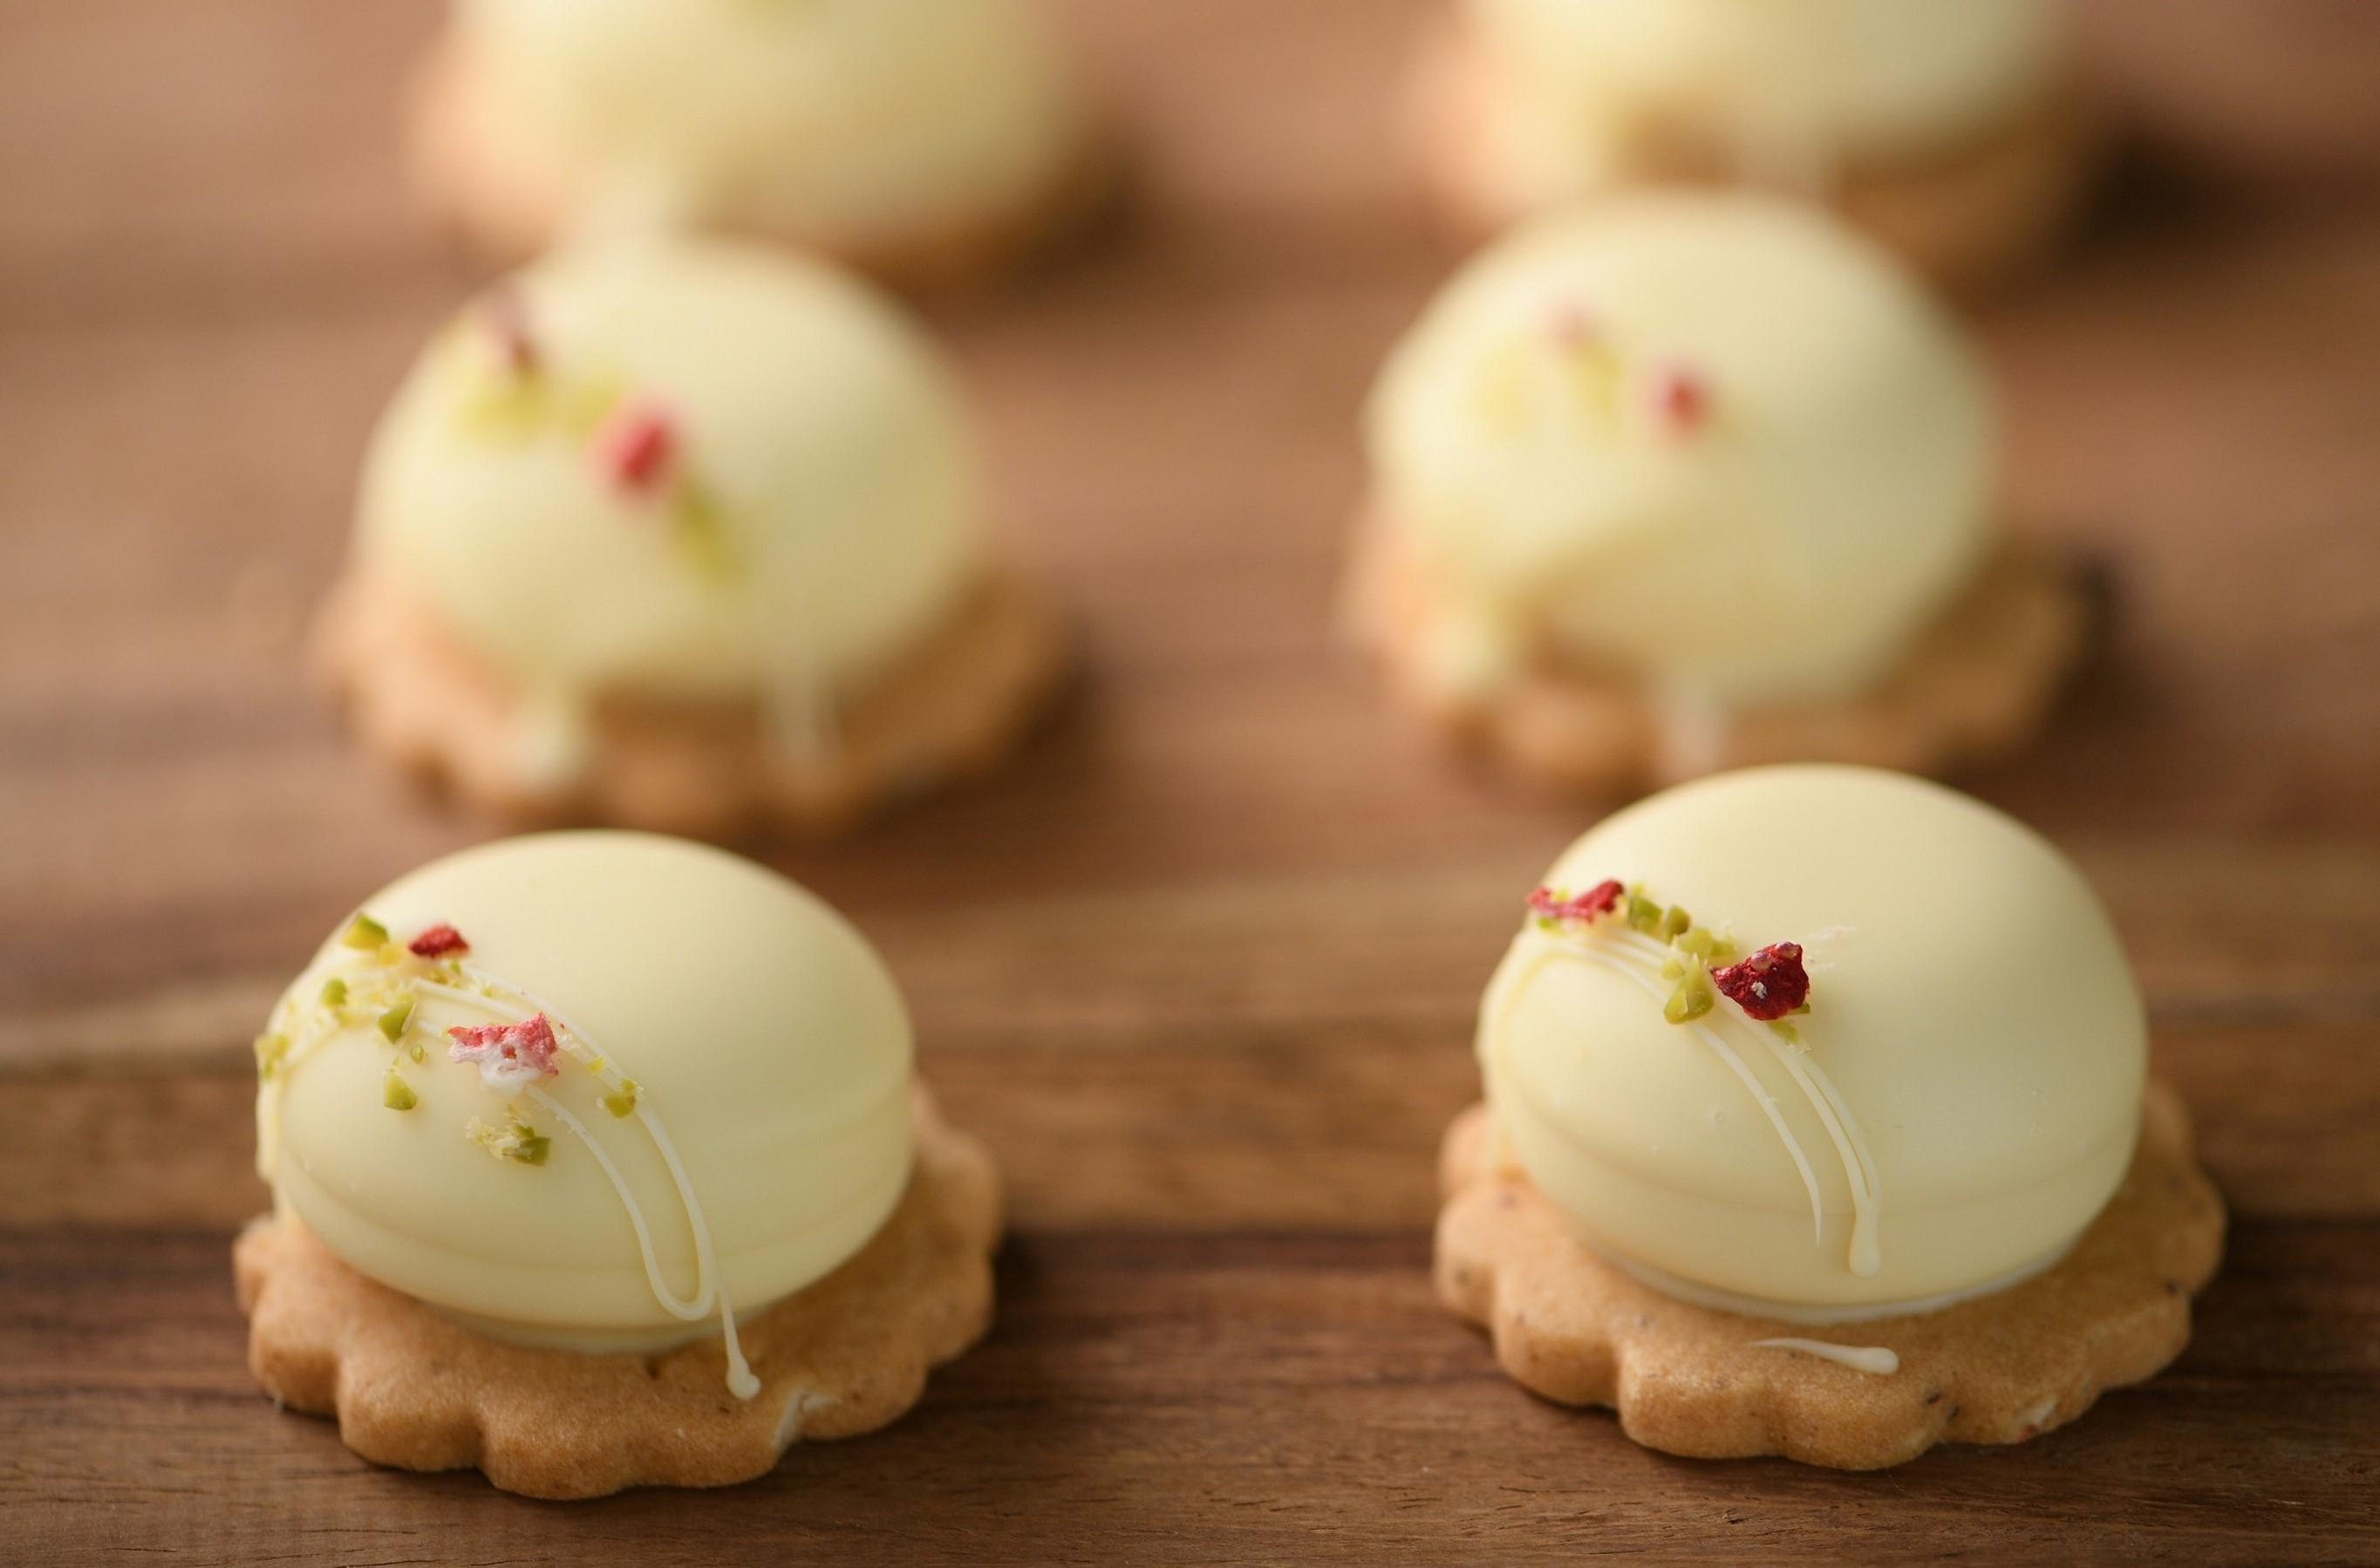 女性が大好き! 旬のいちごを使ったホワイトデーギフト♡ 「半生ホワイトチョコクッキー」